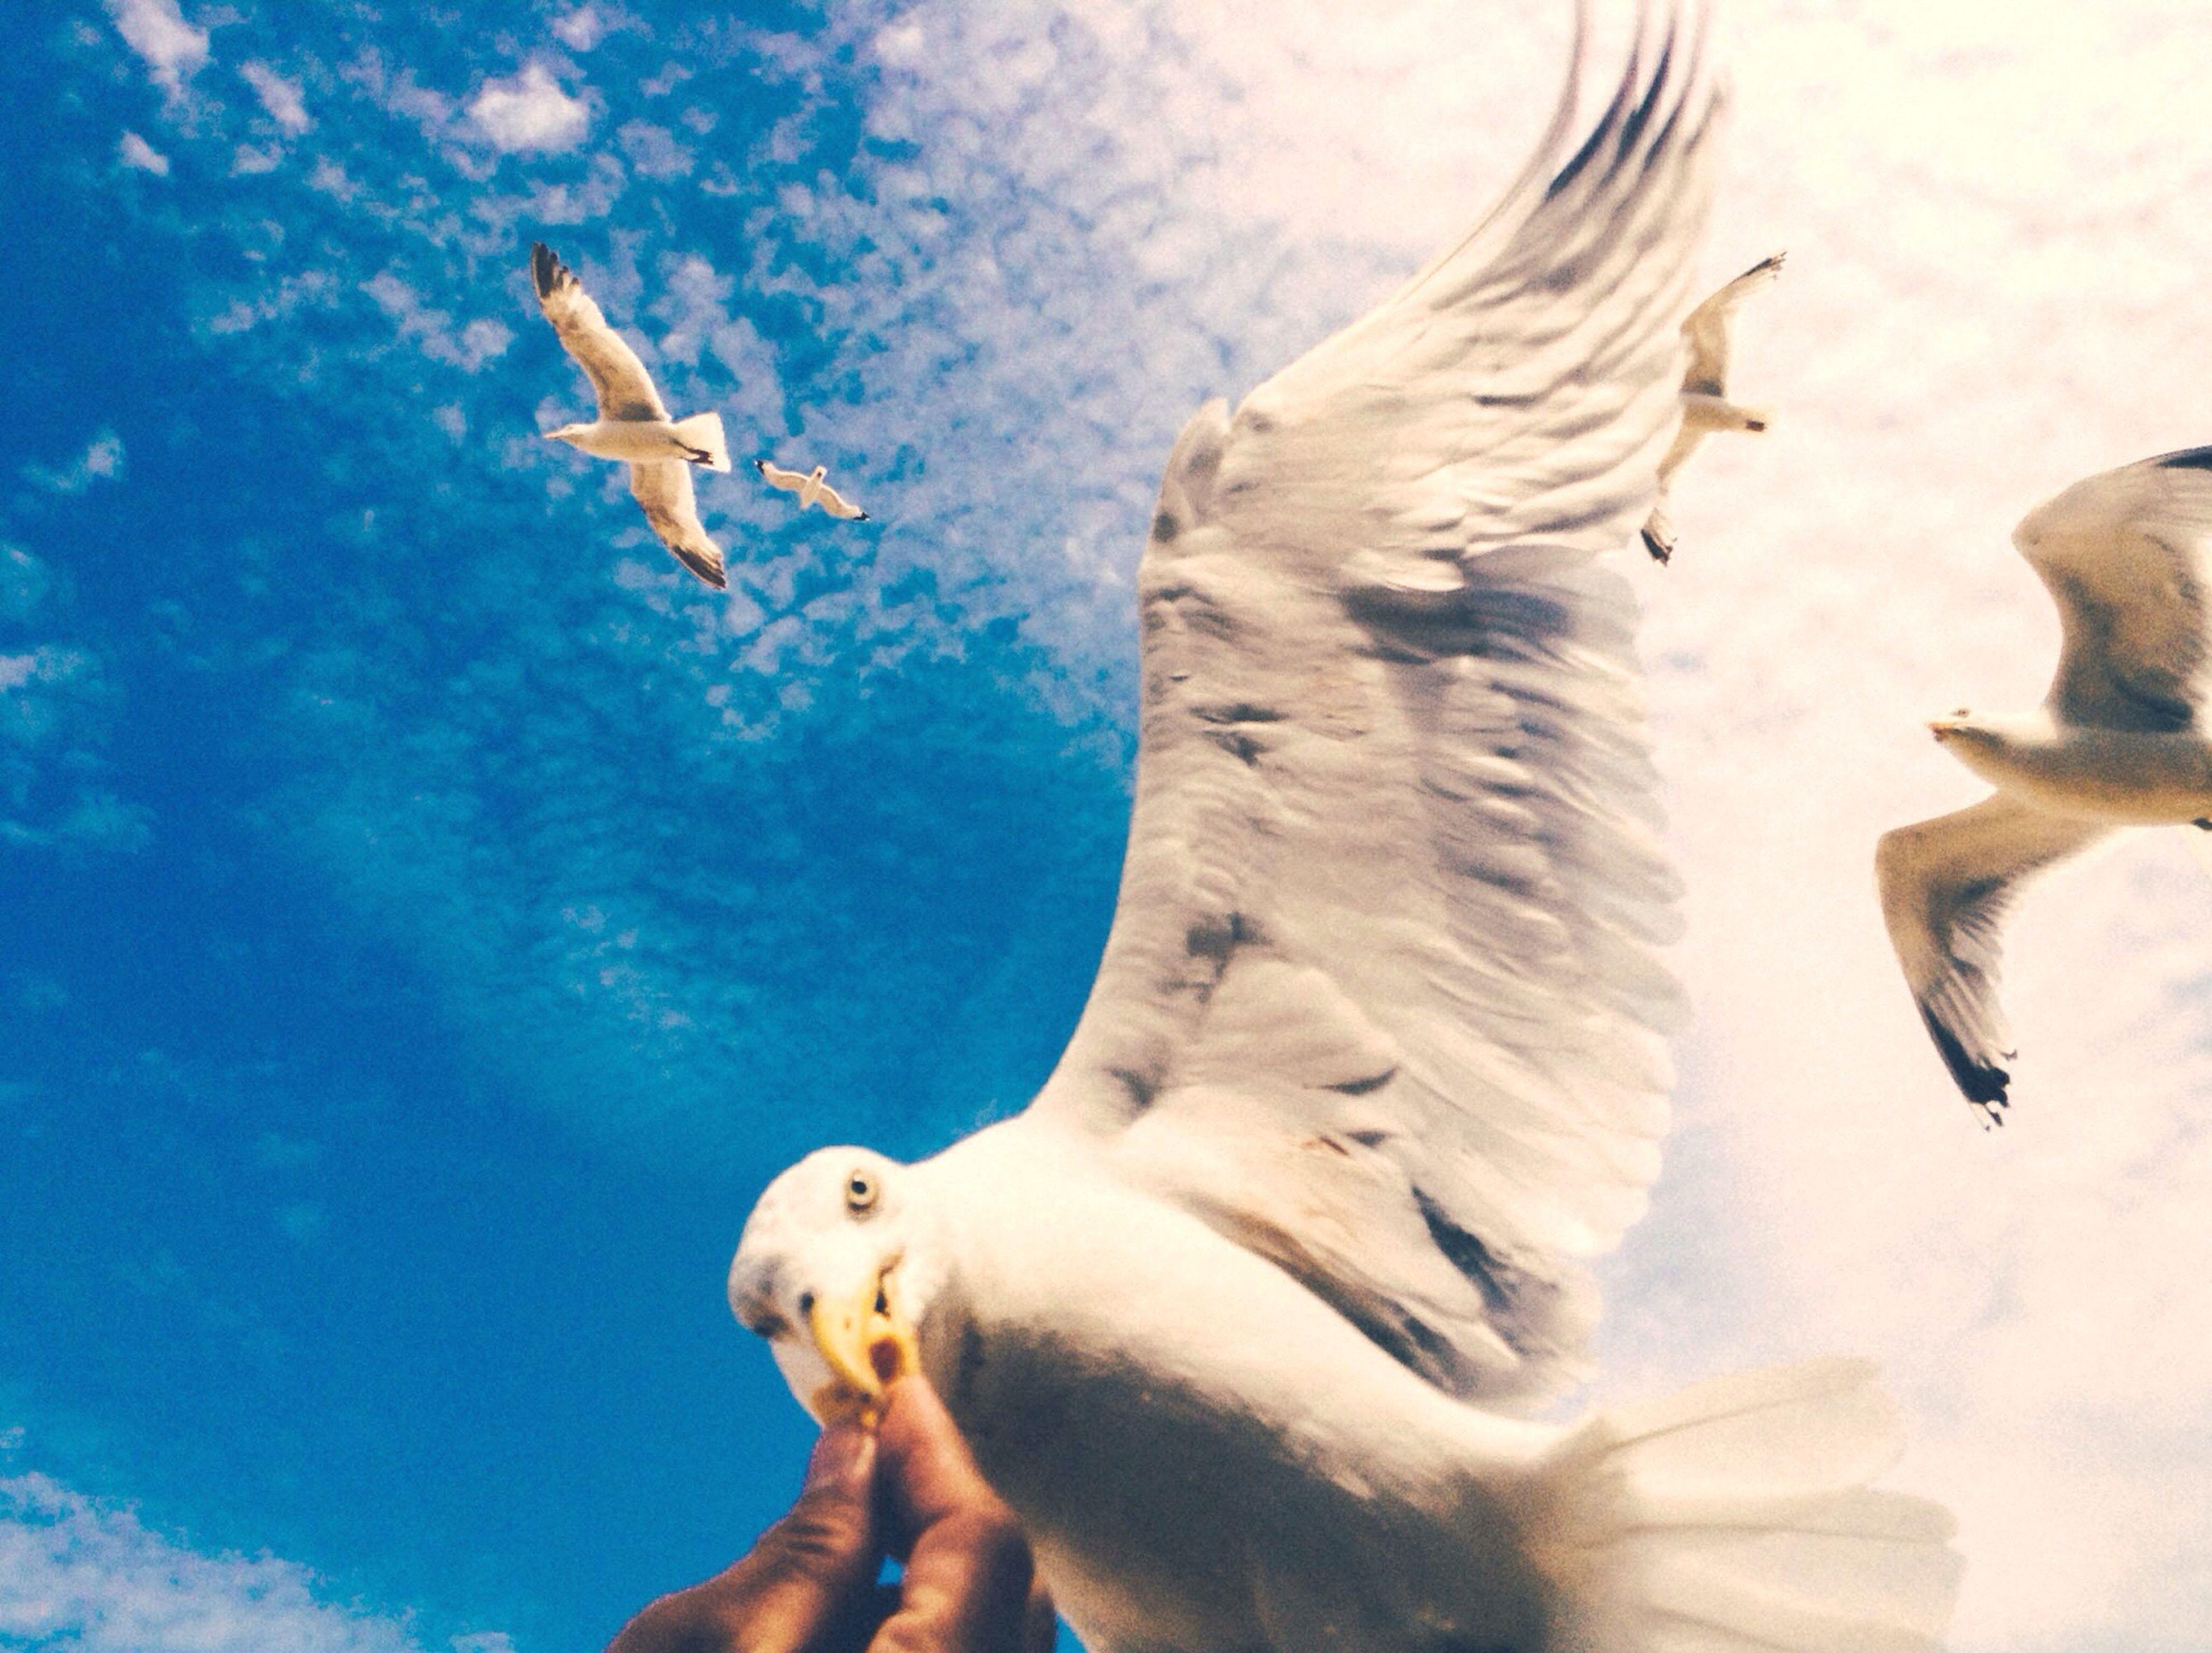 35mm Film Negative Shootfilm Staybrokeshootfilm Olympusboyz Film 35mm Film Photography First Eyeem Photo